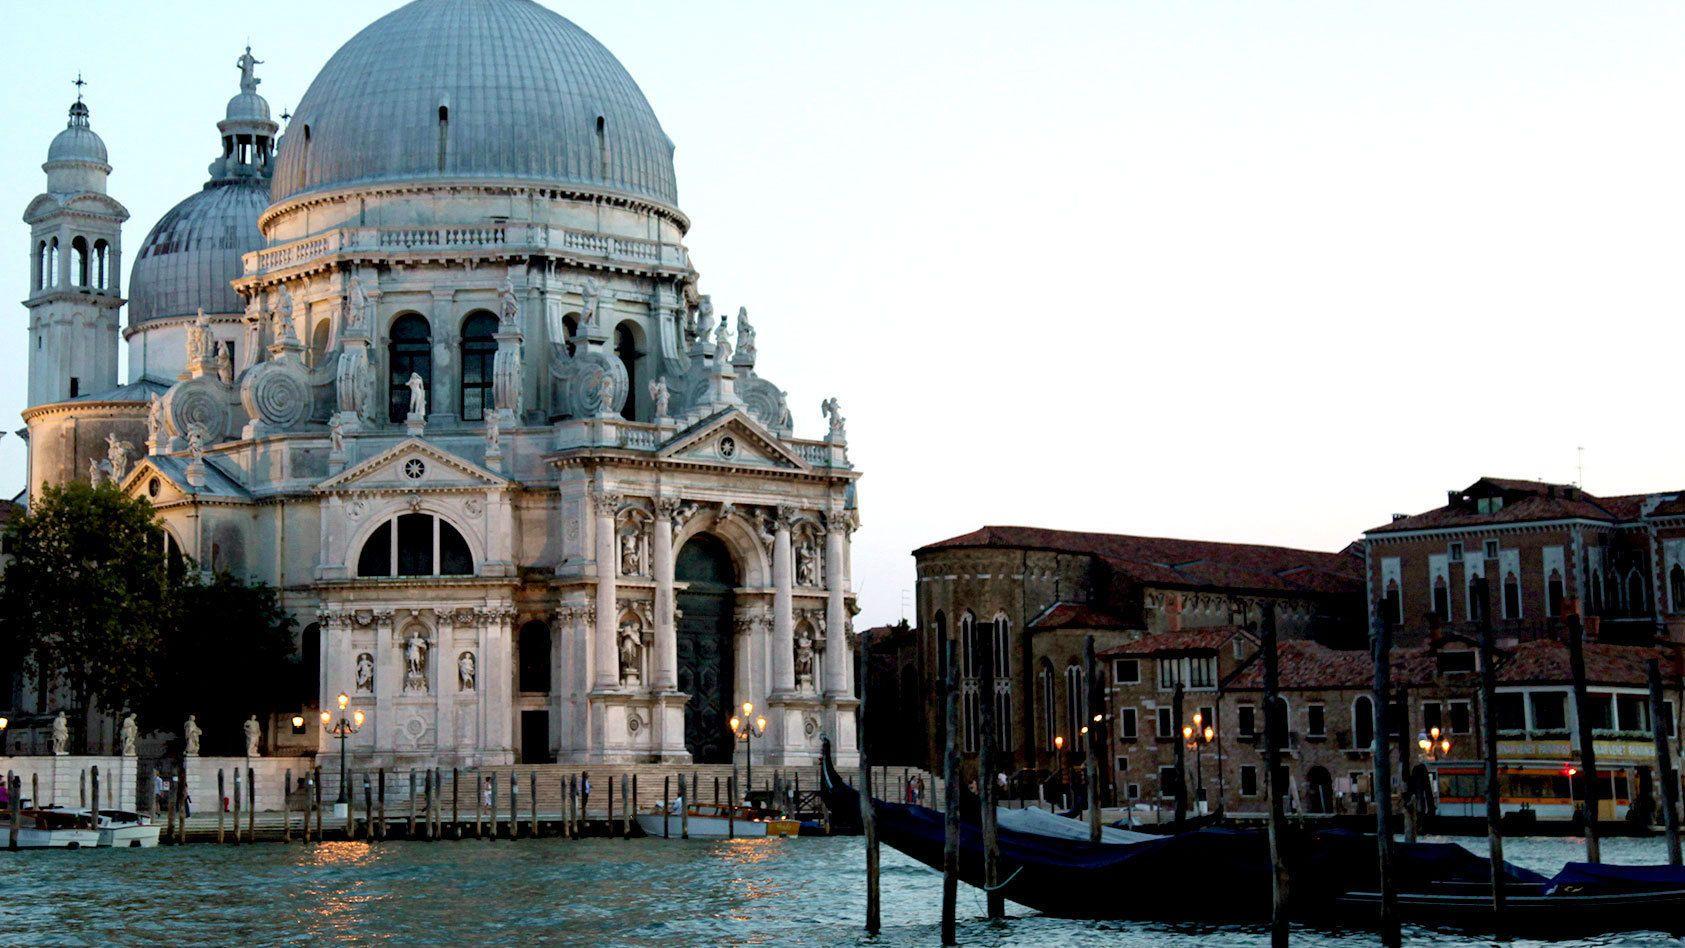 Santa Maria della Salute Basilica in Venice Italy